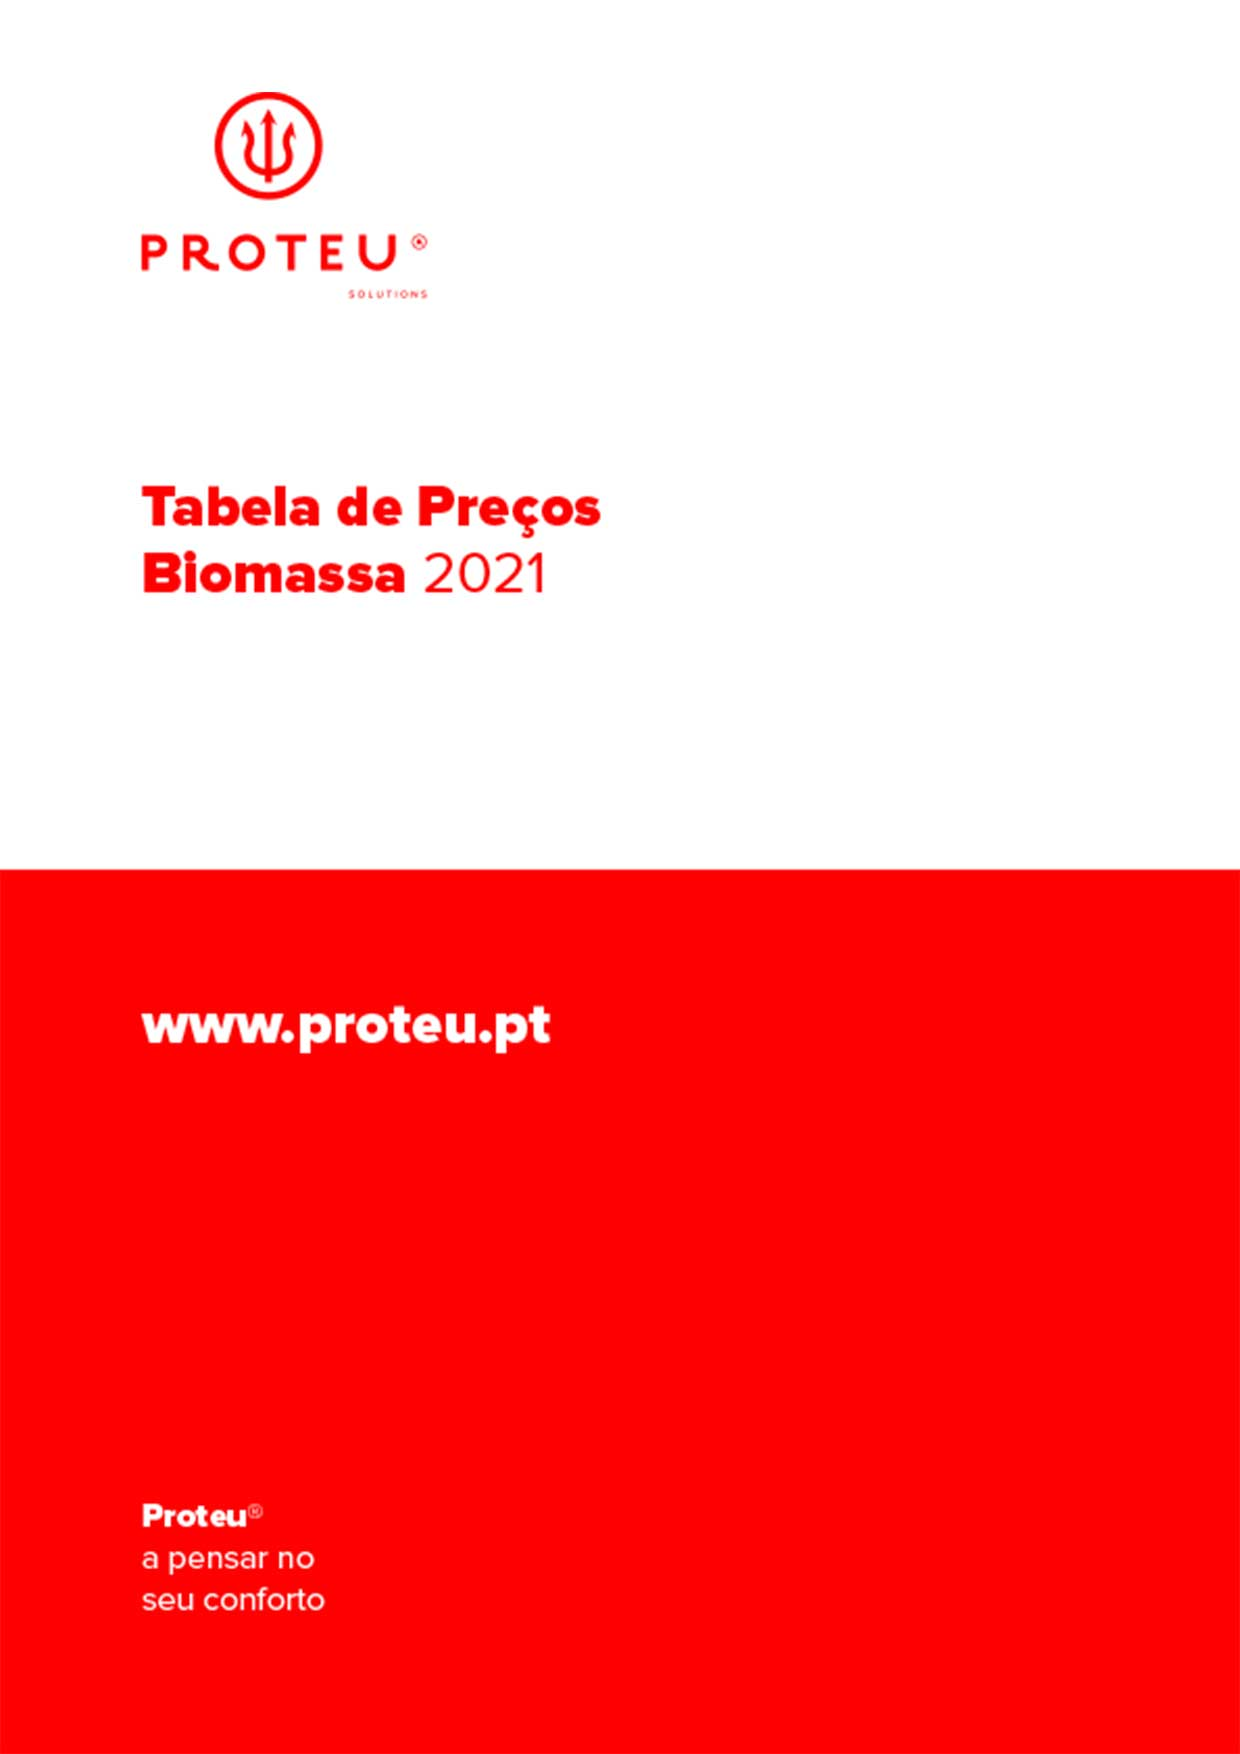 Proteu® Biomassa 2021